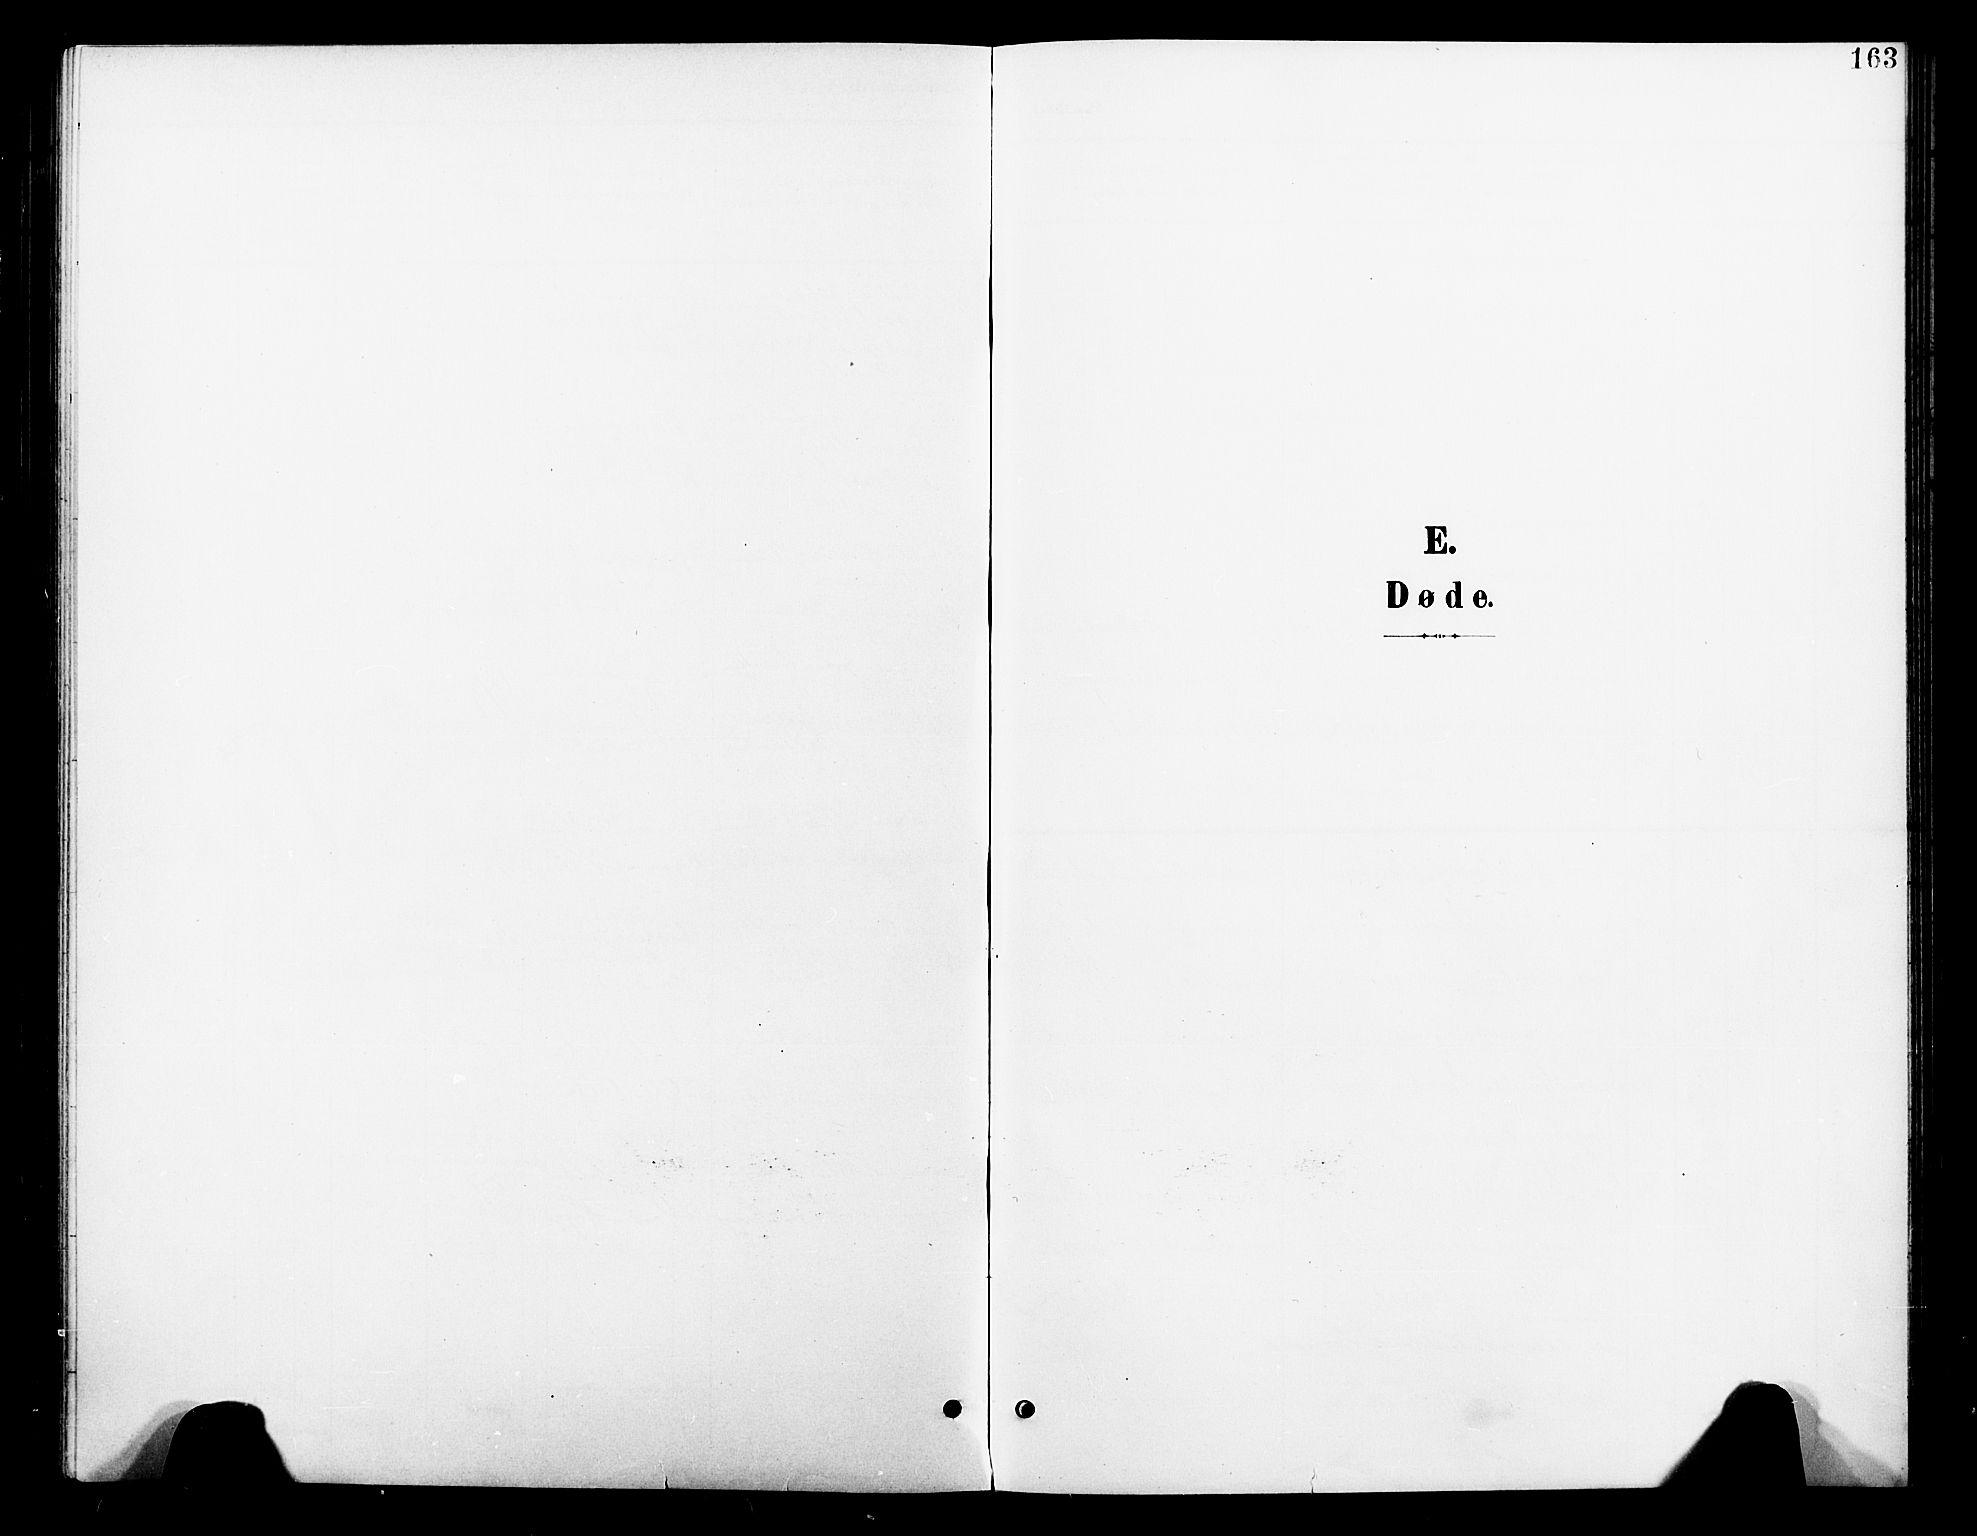 SAT, Ministerialprotokoller, klokkerbøker og fødselsregistre - Nord-Trøndelag, 739/L0375: Klokkerbok nr. 739C03, 1898-1908, s. 163